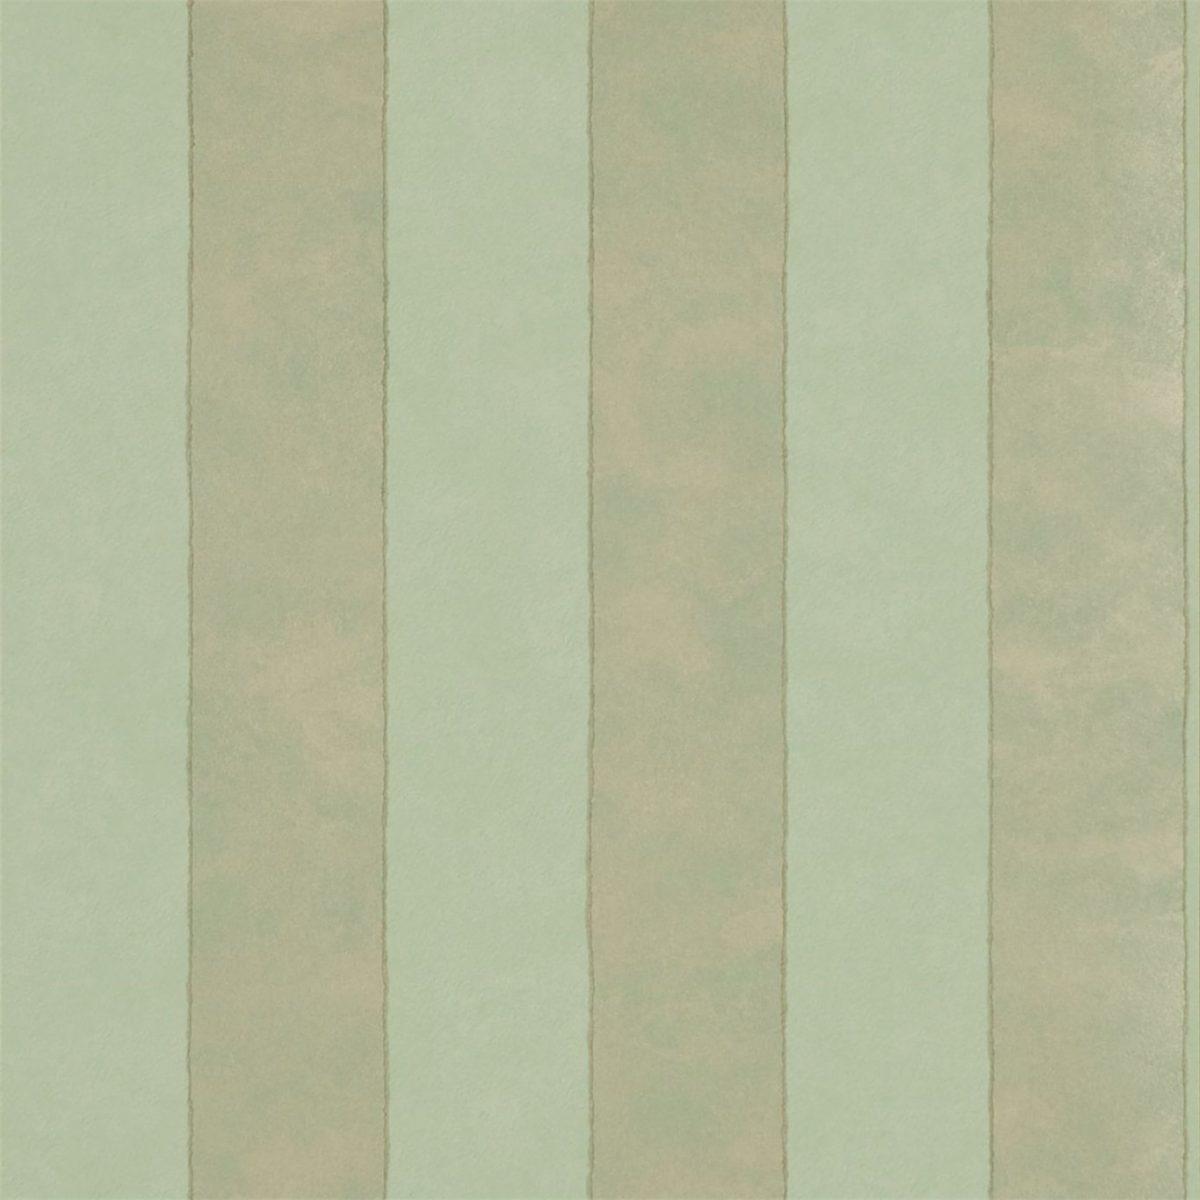 Sanderson Tapet Parchment Stripe